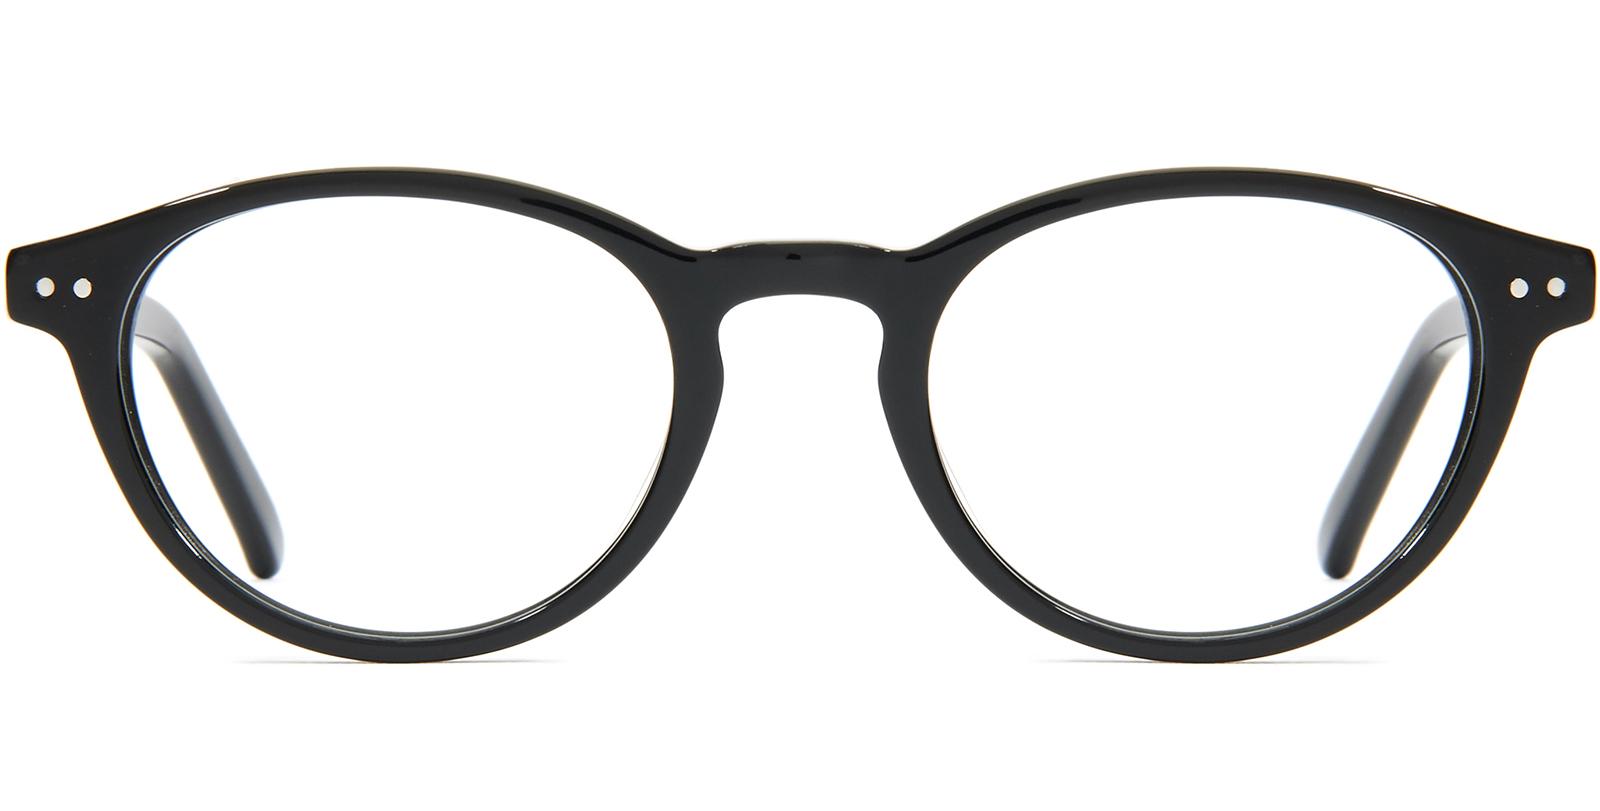 ernest hemingway glasses 4612 direct sight - Ernest Hemingway Frames